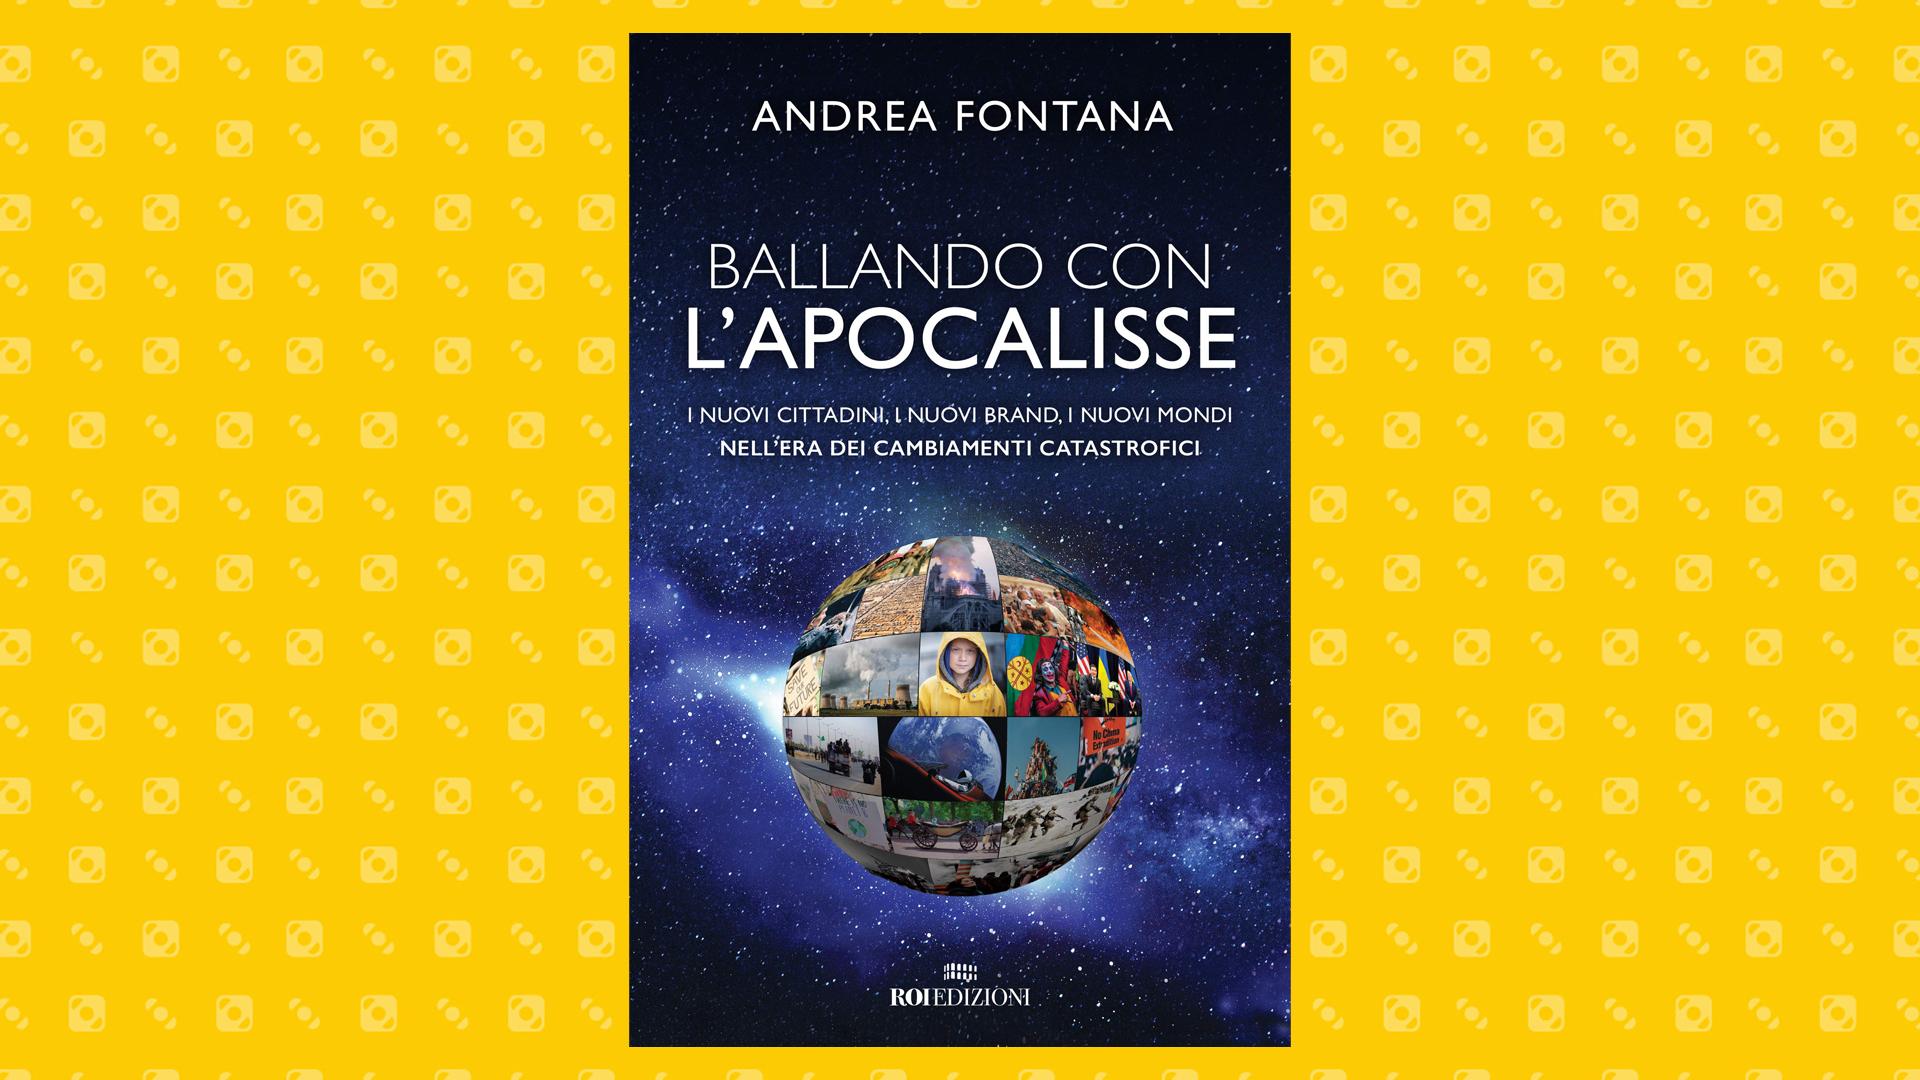 Andrea Fontana - Ballando con l'Apocalisse